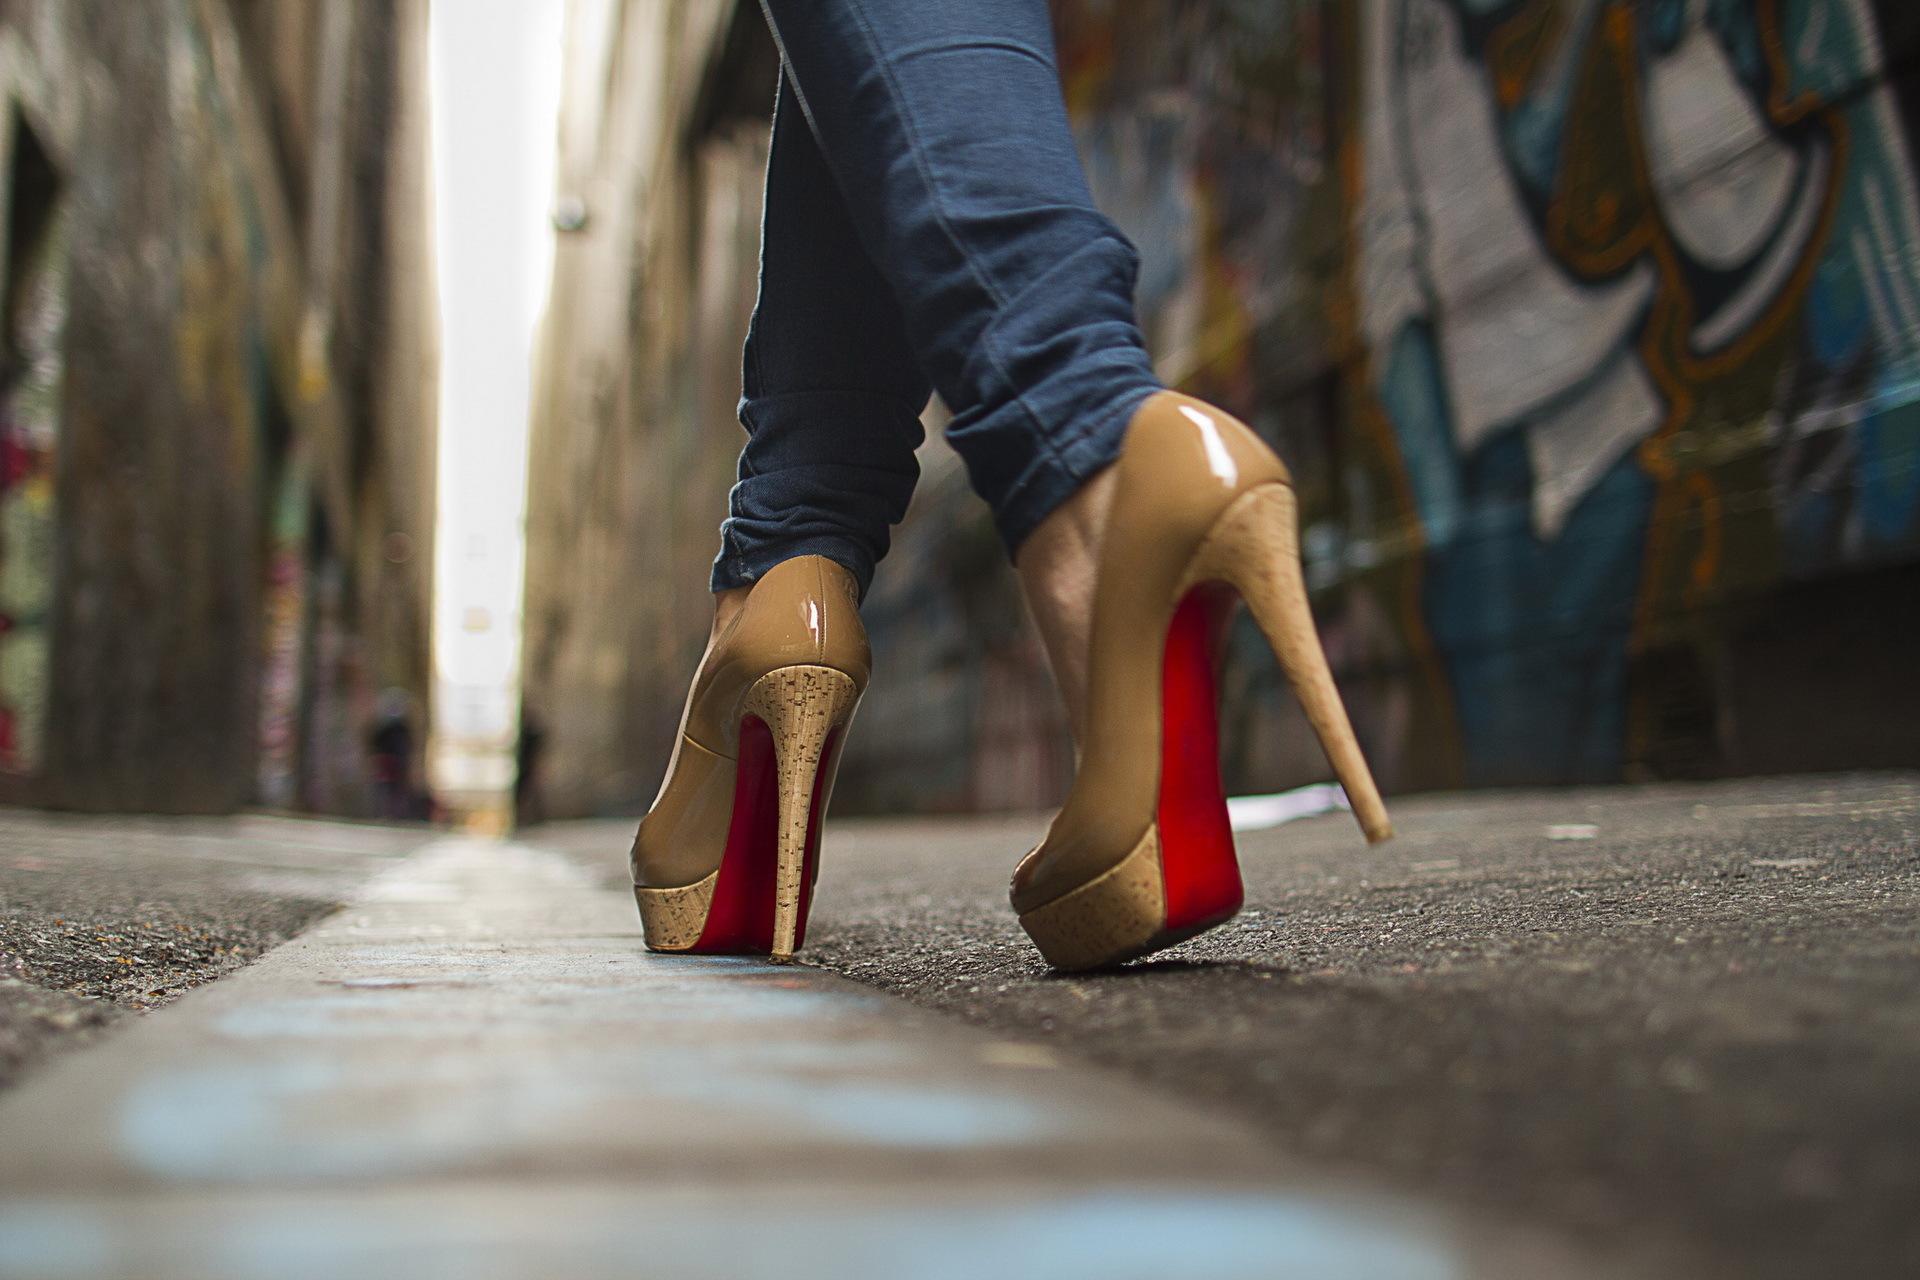 было почти фото жен на каблуках том